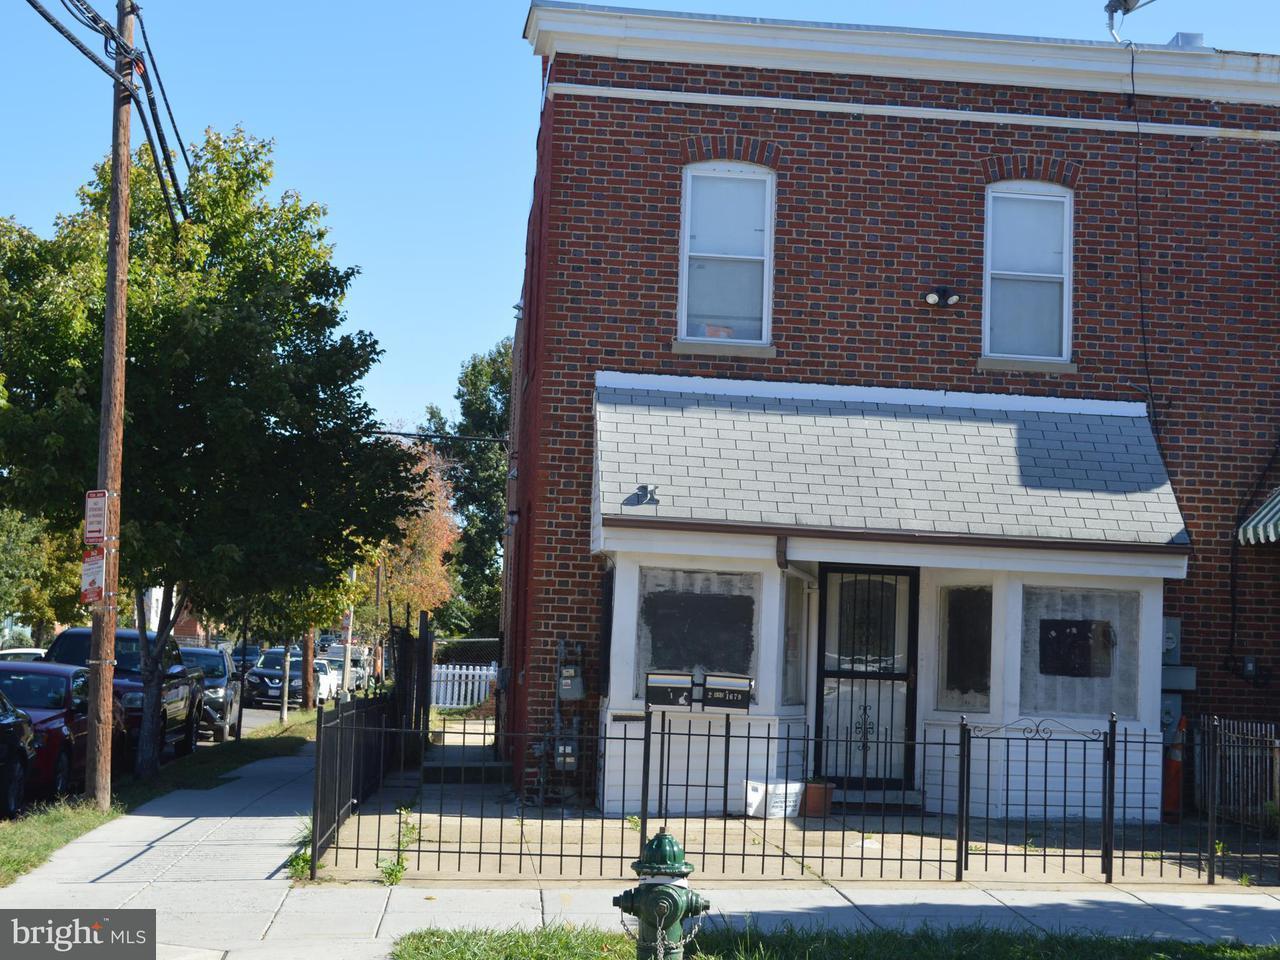 联栋屋 为 销售 在 1679 MONTELLO AVE NE 1679 MONTELLO AVE NE 华盛顿市, 哥伦比亚特区 20002 美国